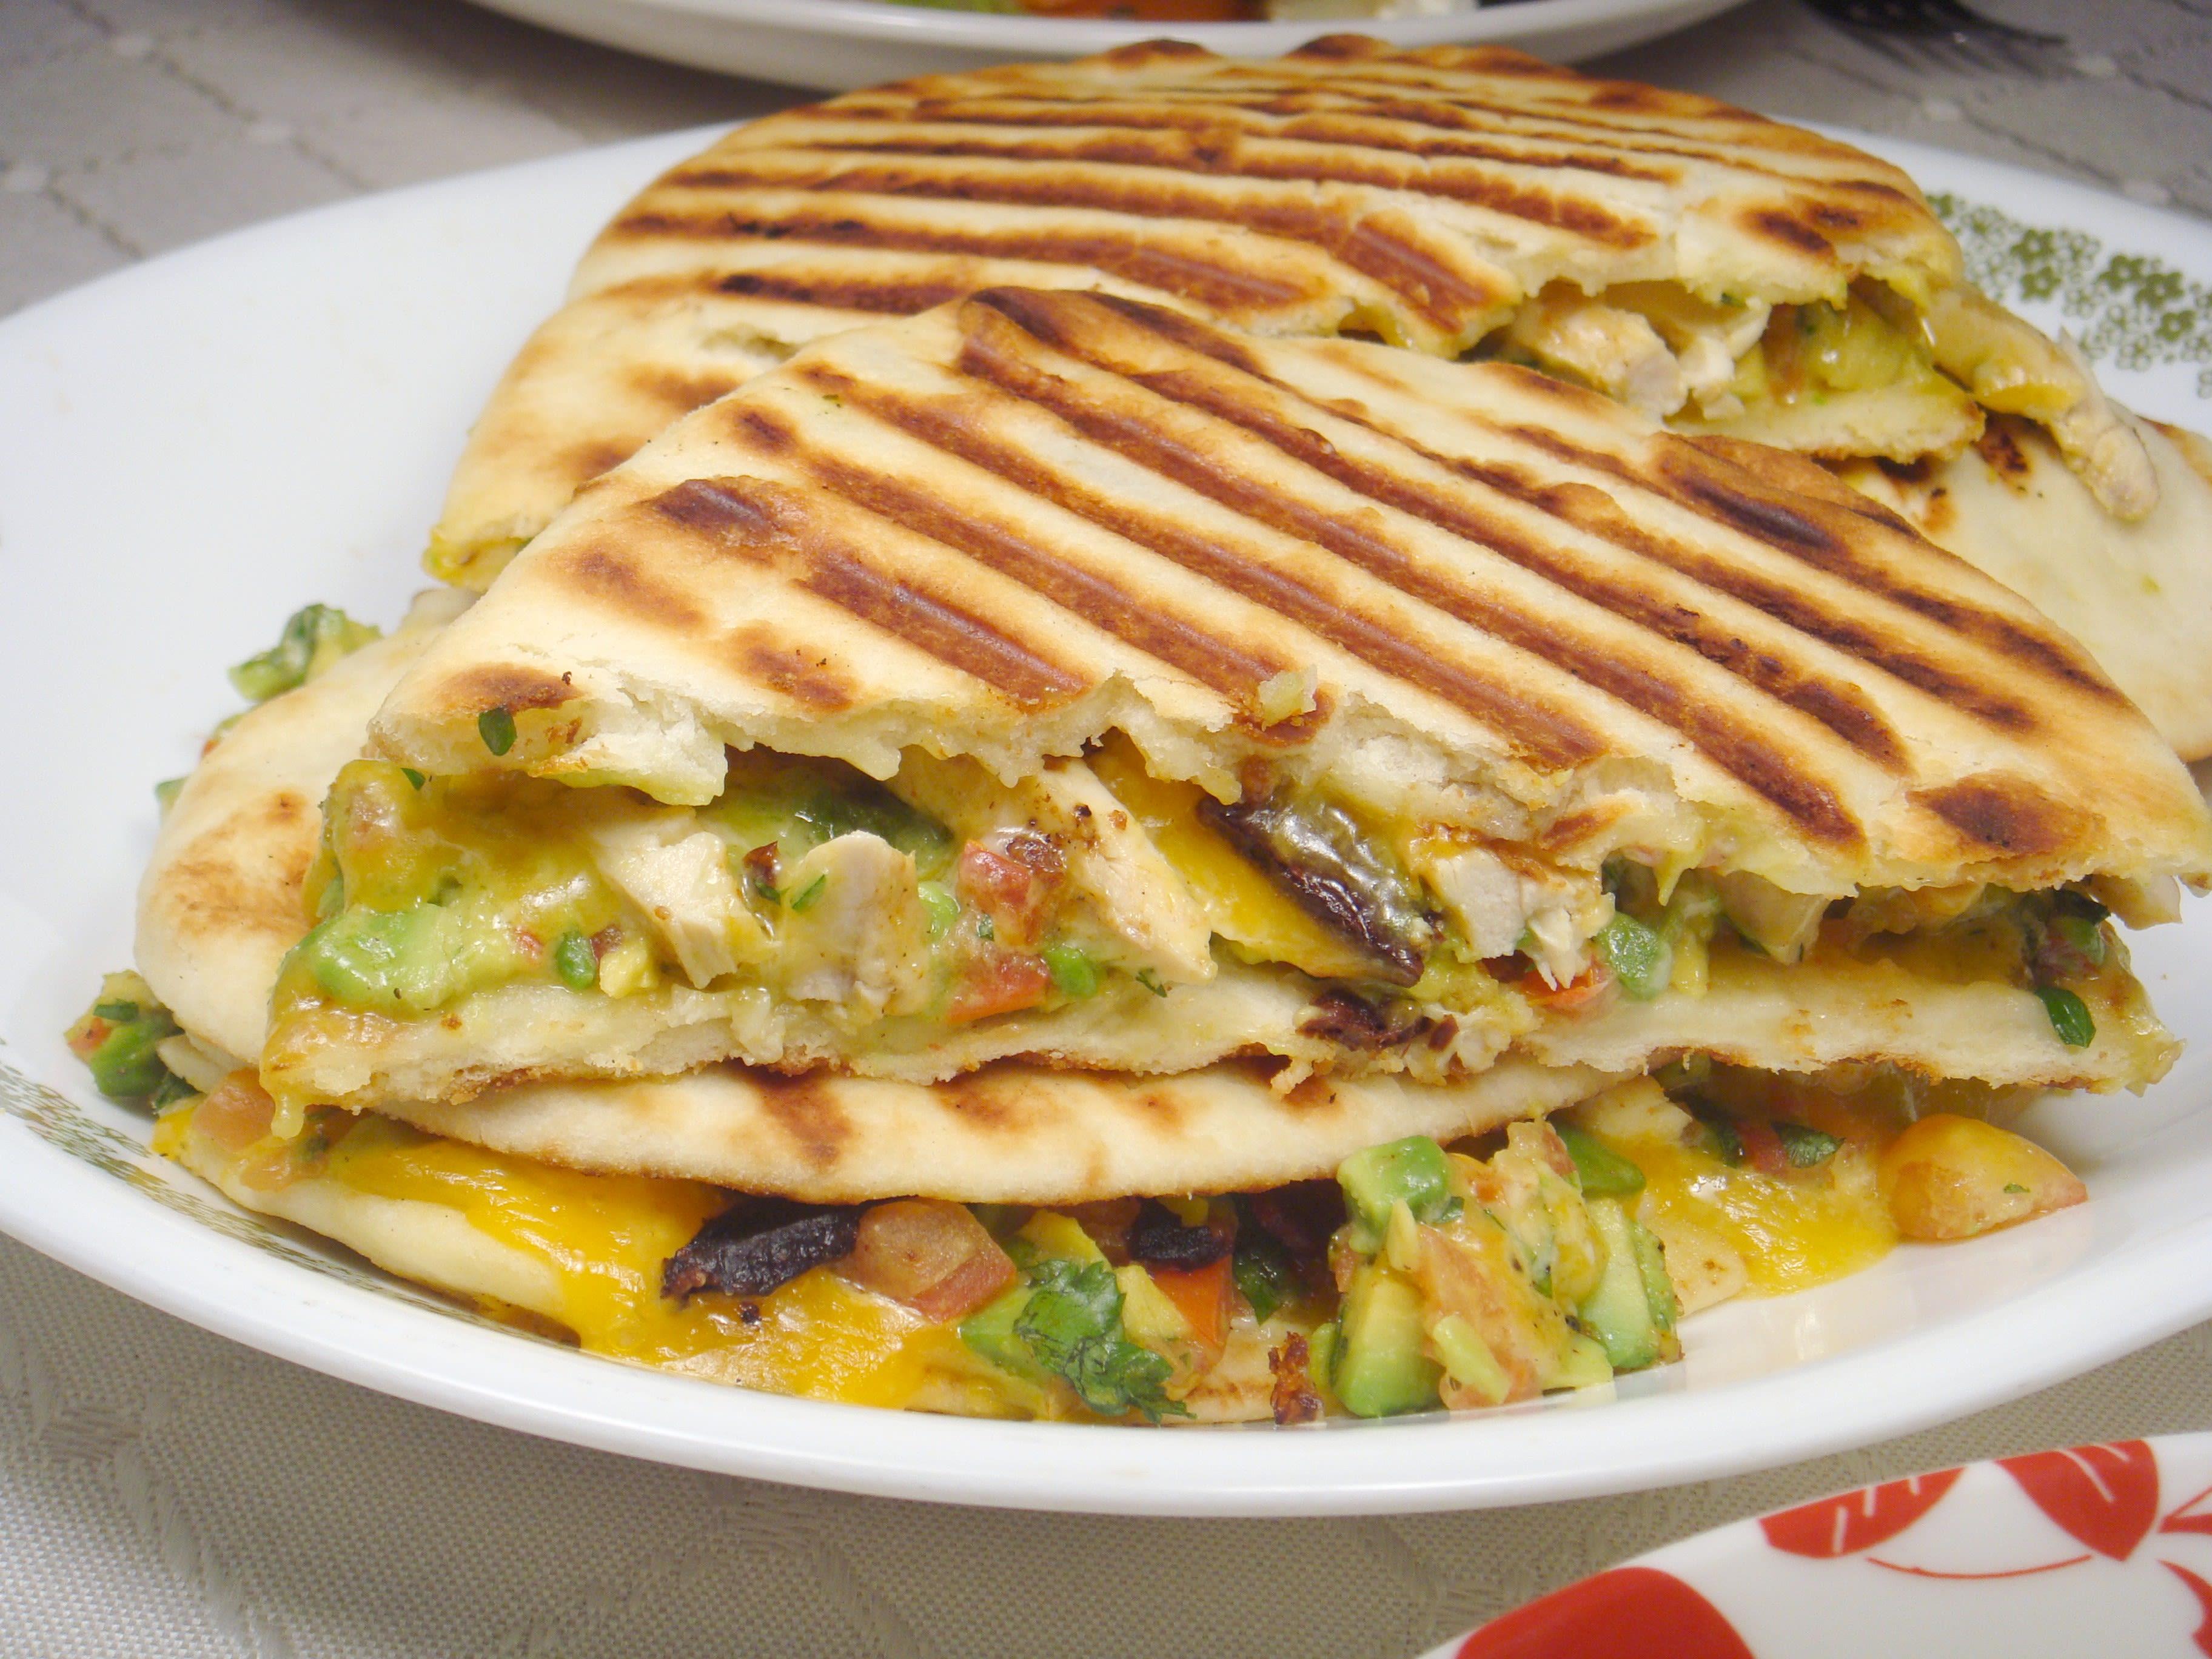 Chicken And Avocado Panini Sandwiches Recipe Genius Kitchen Jpg 3648x2736 Tortilla Recipes